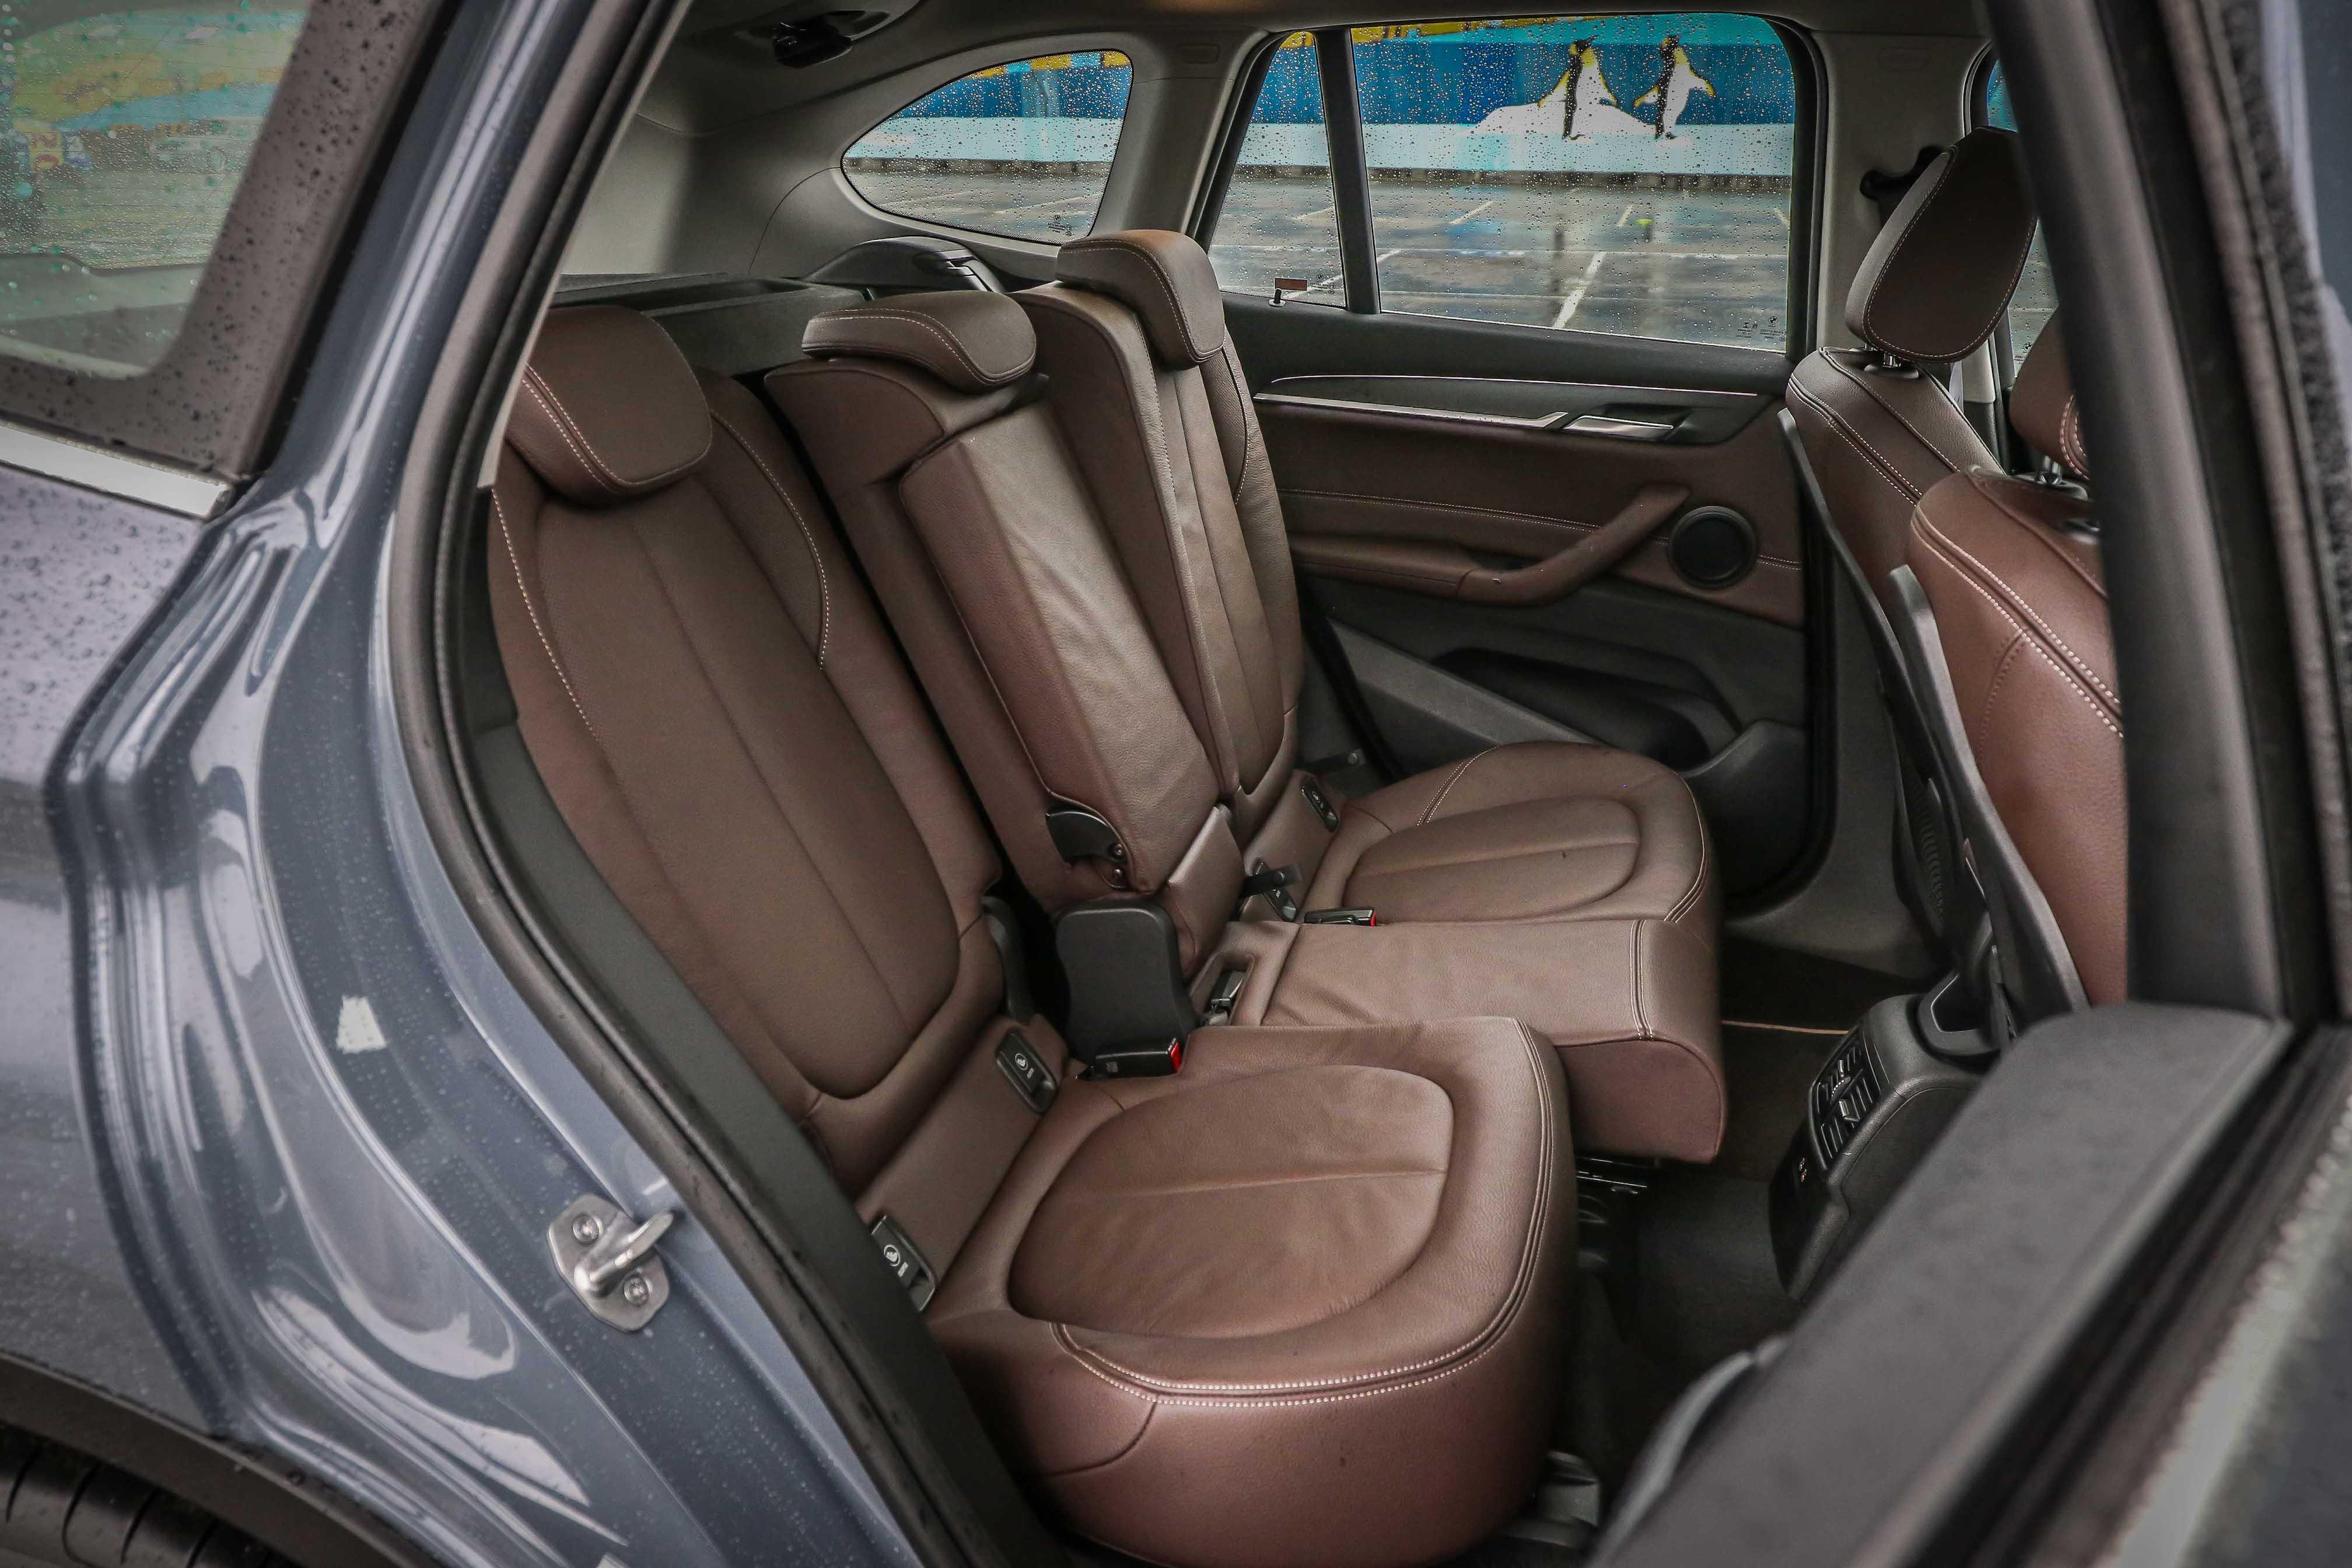 後排座椅提供 6/4 前後滑移功能,椅背角度也可調整。